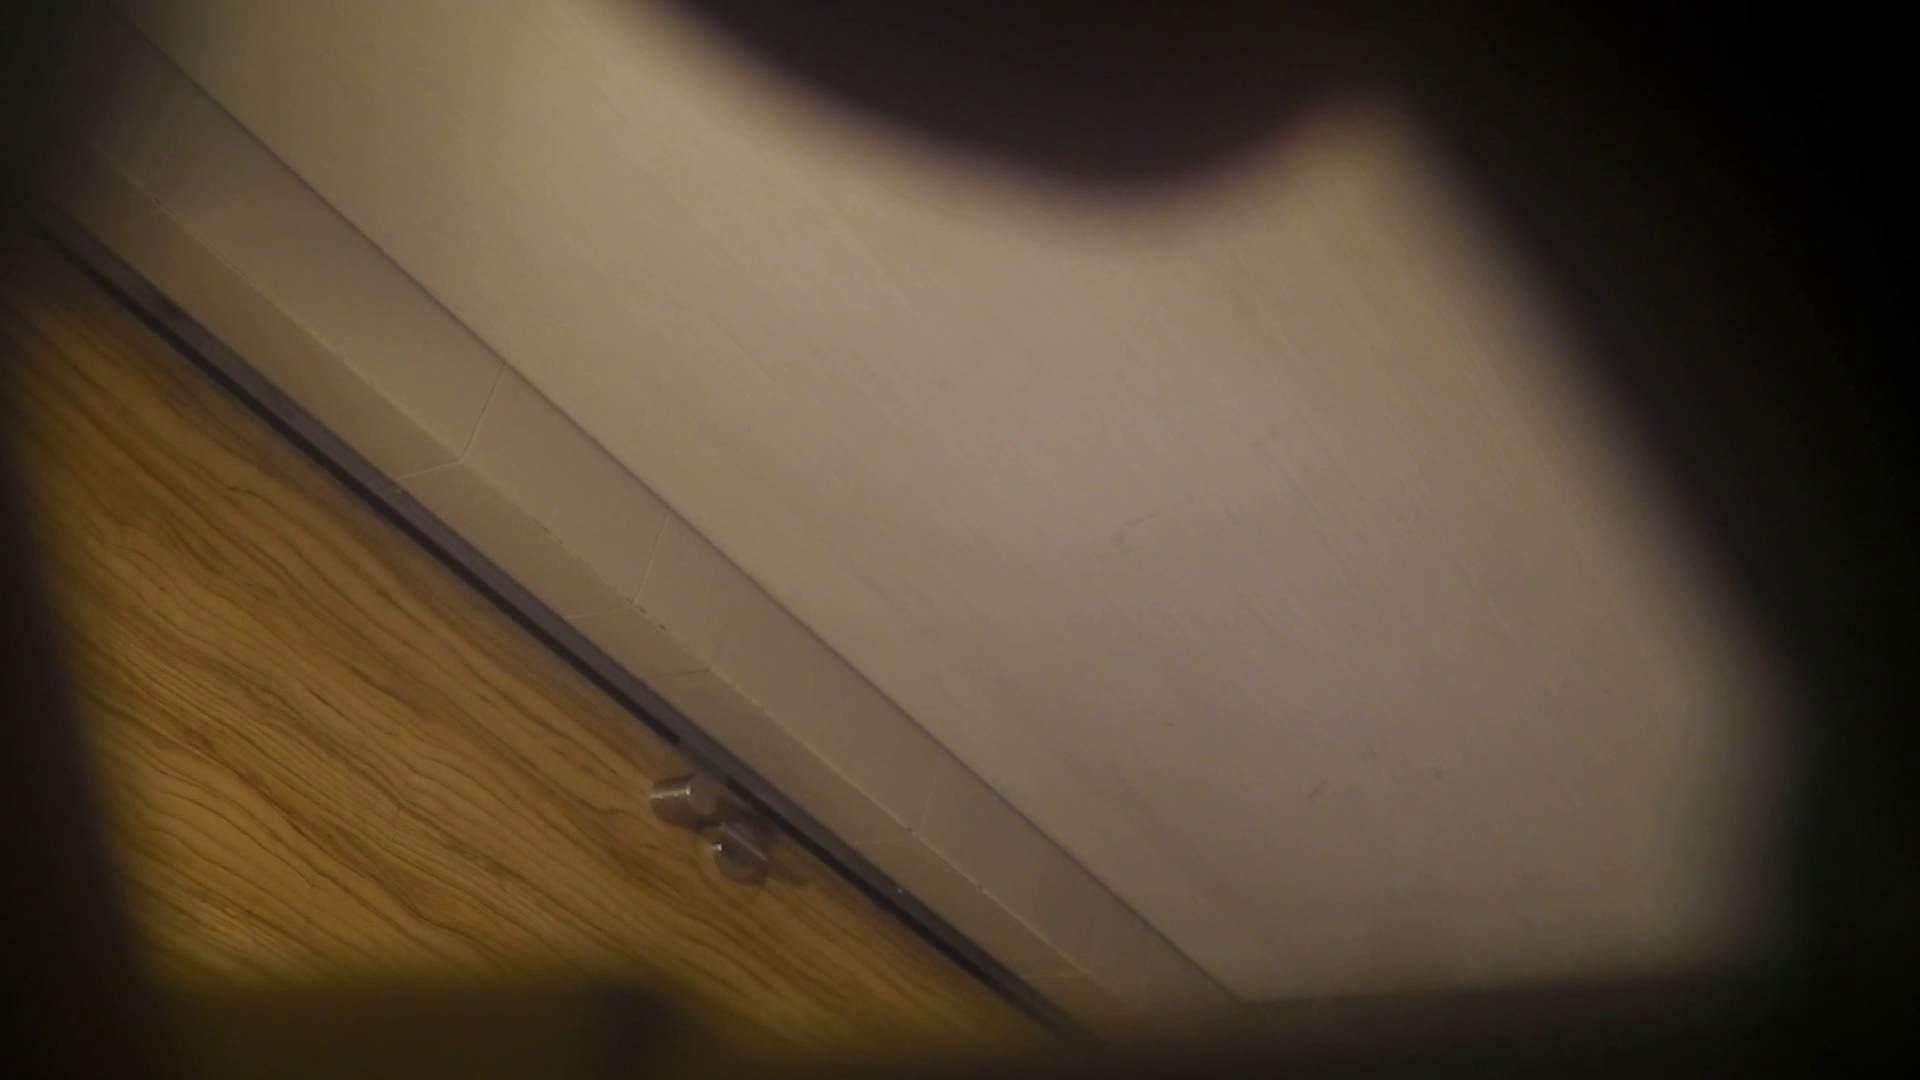 阿国ちゃんの「和式洋式七変化」No.17 ギャル攻め ワレメ無修正動画無料 87画像 18